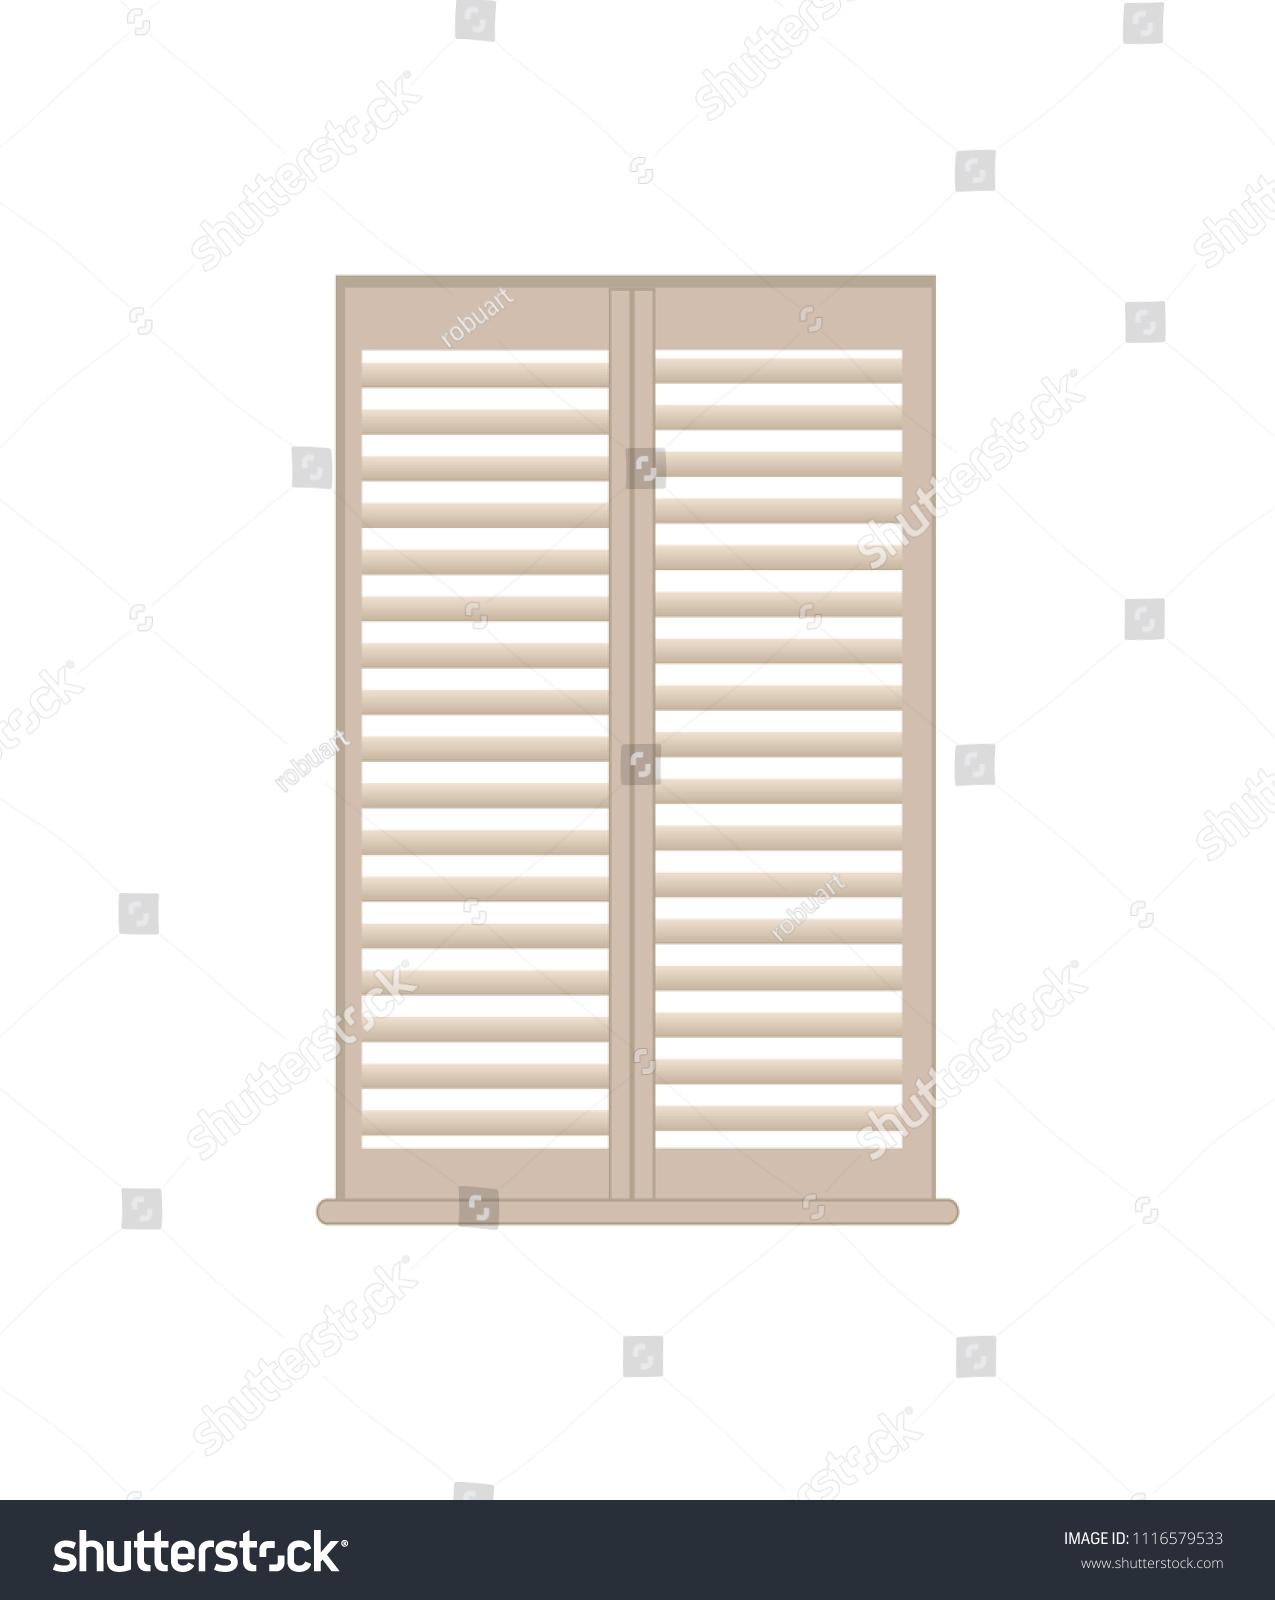 Stylish Wooden Lattice Shutters Windowsill Interior Stock